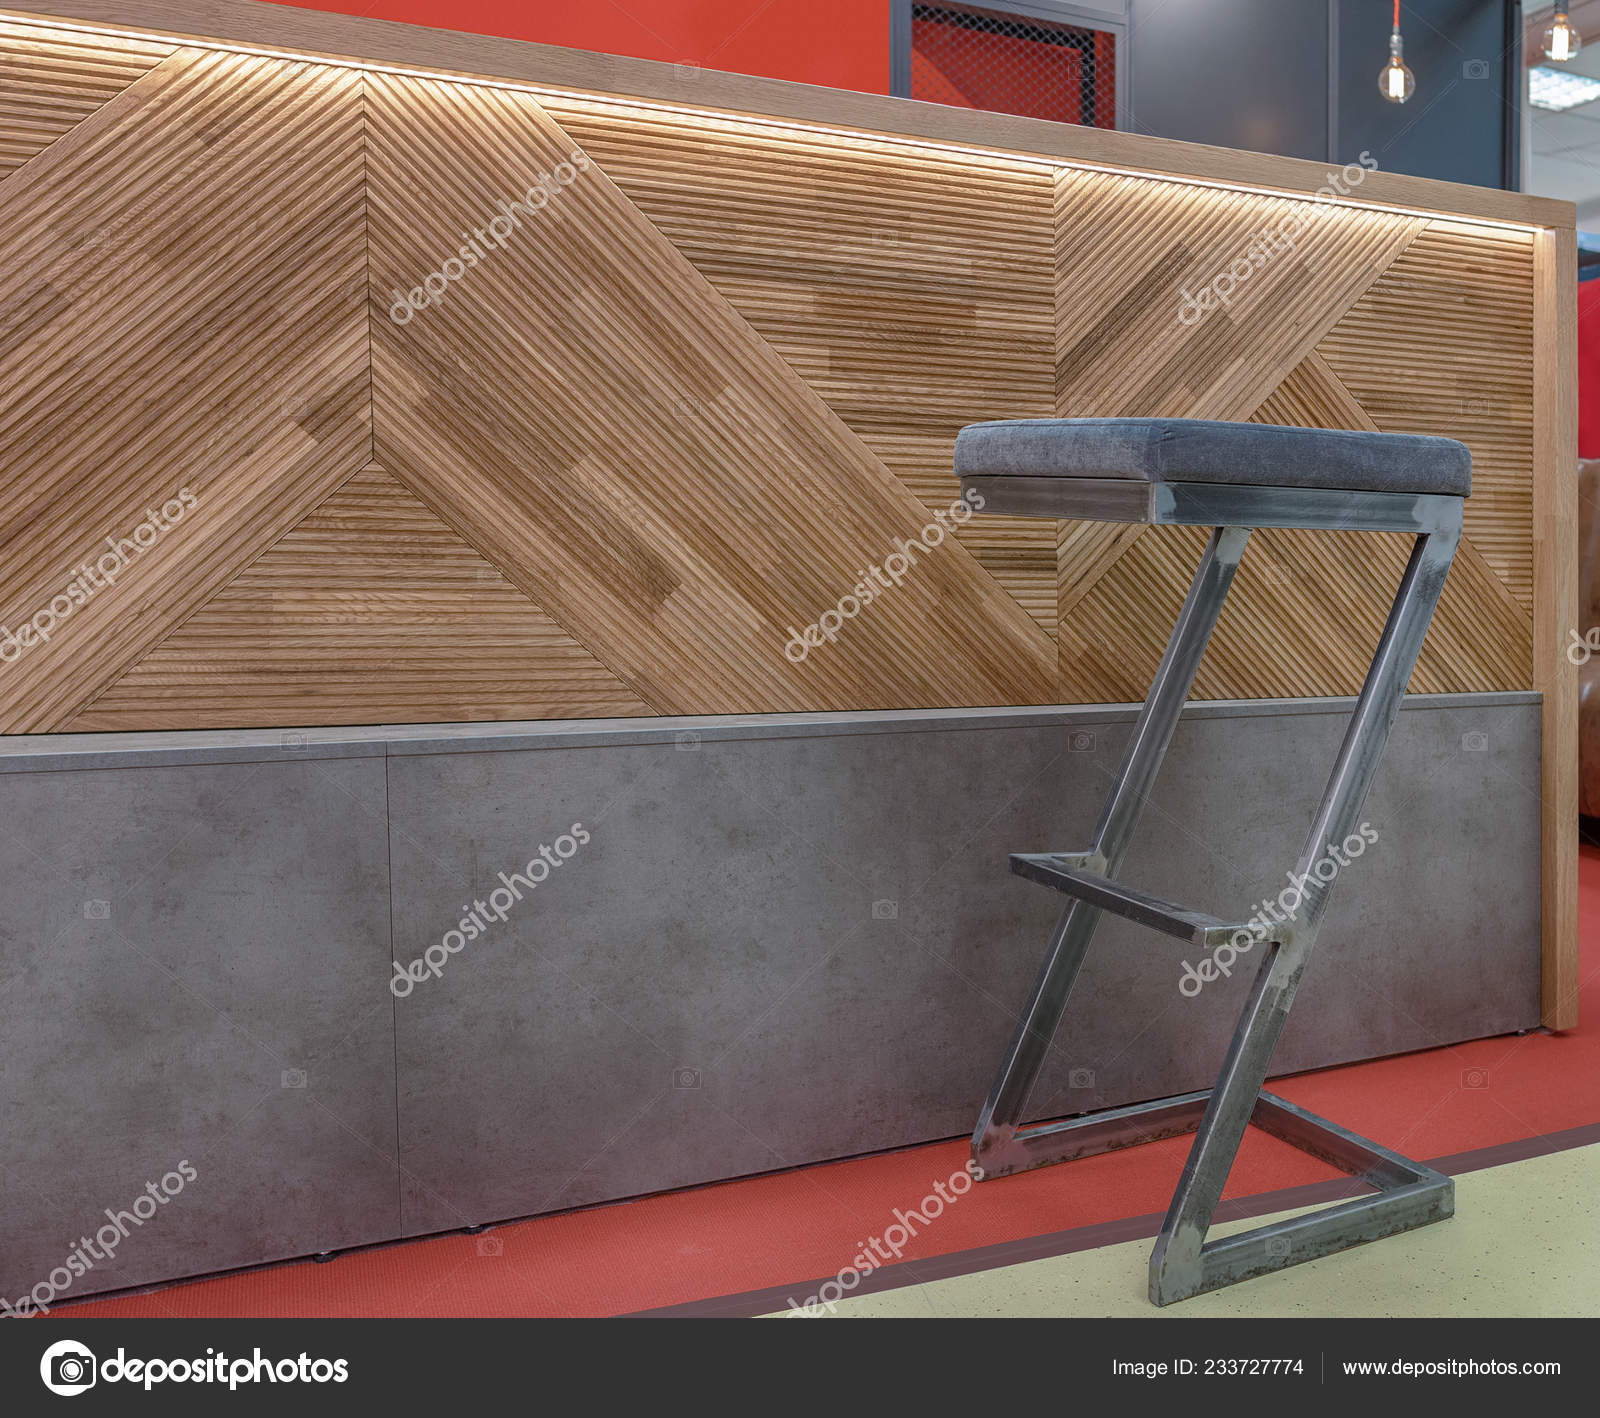 Sedia Pannelli Alta Counter Telaio Con Bar Decorato Legno Fatta wOPkn0